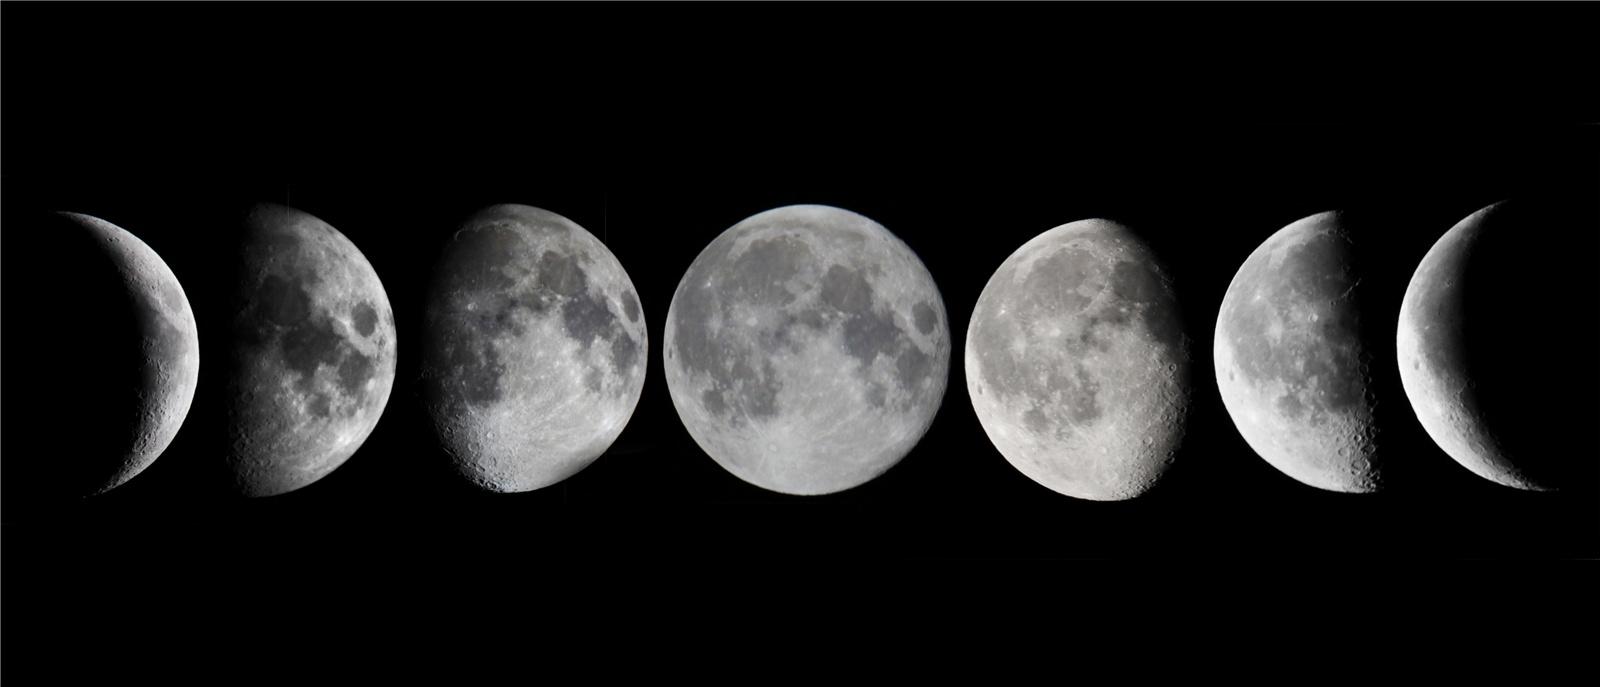 Głodówka wg. faz księżyca